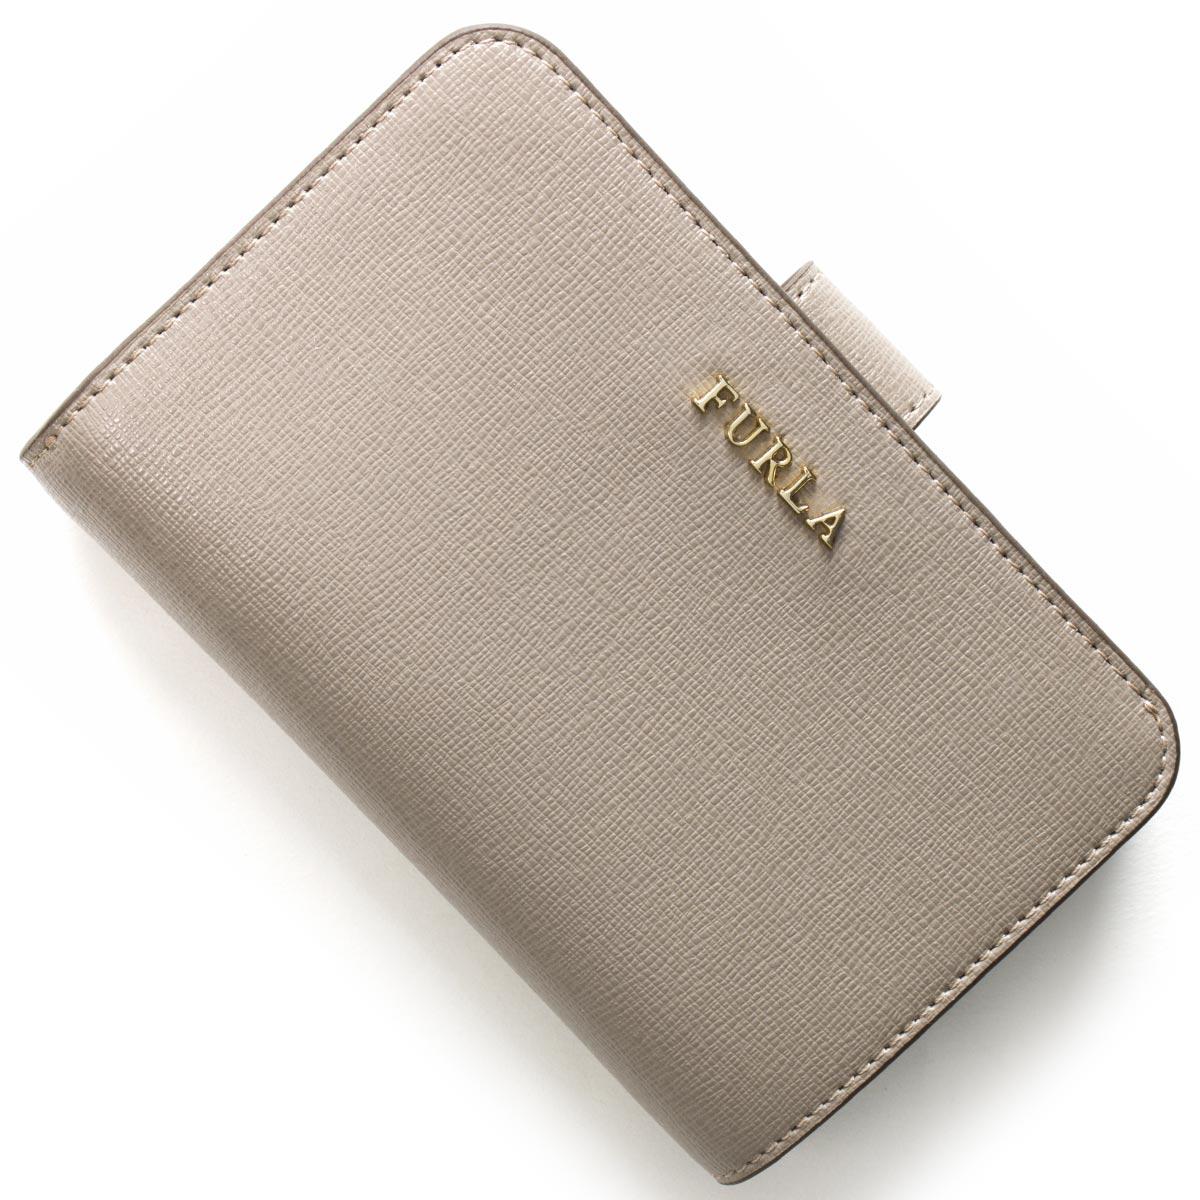 フルラ 二つ折り財布 財布 レディース バビロン BABYLON サッビアグレー PR85 B30 SBB 872838 FURLA